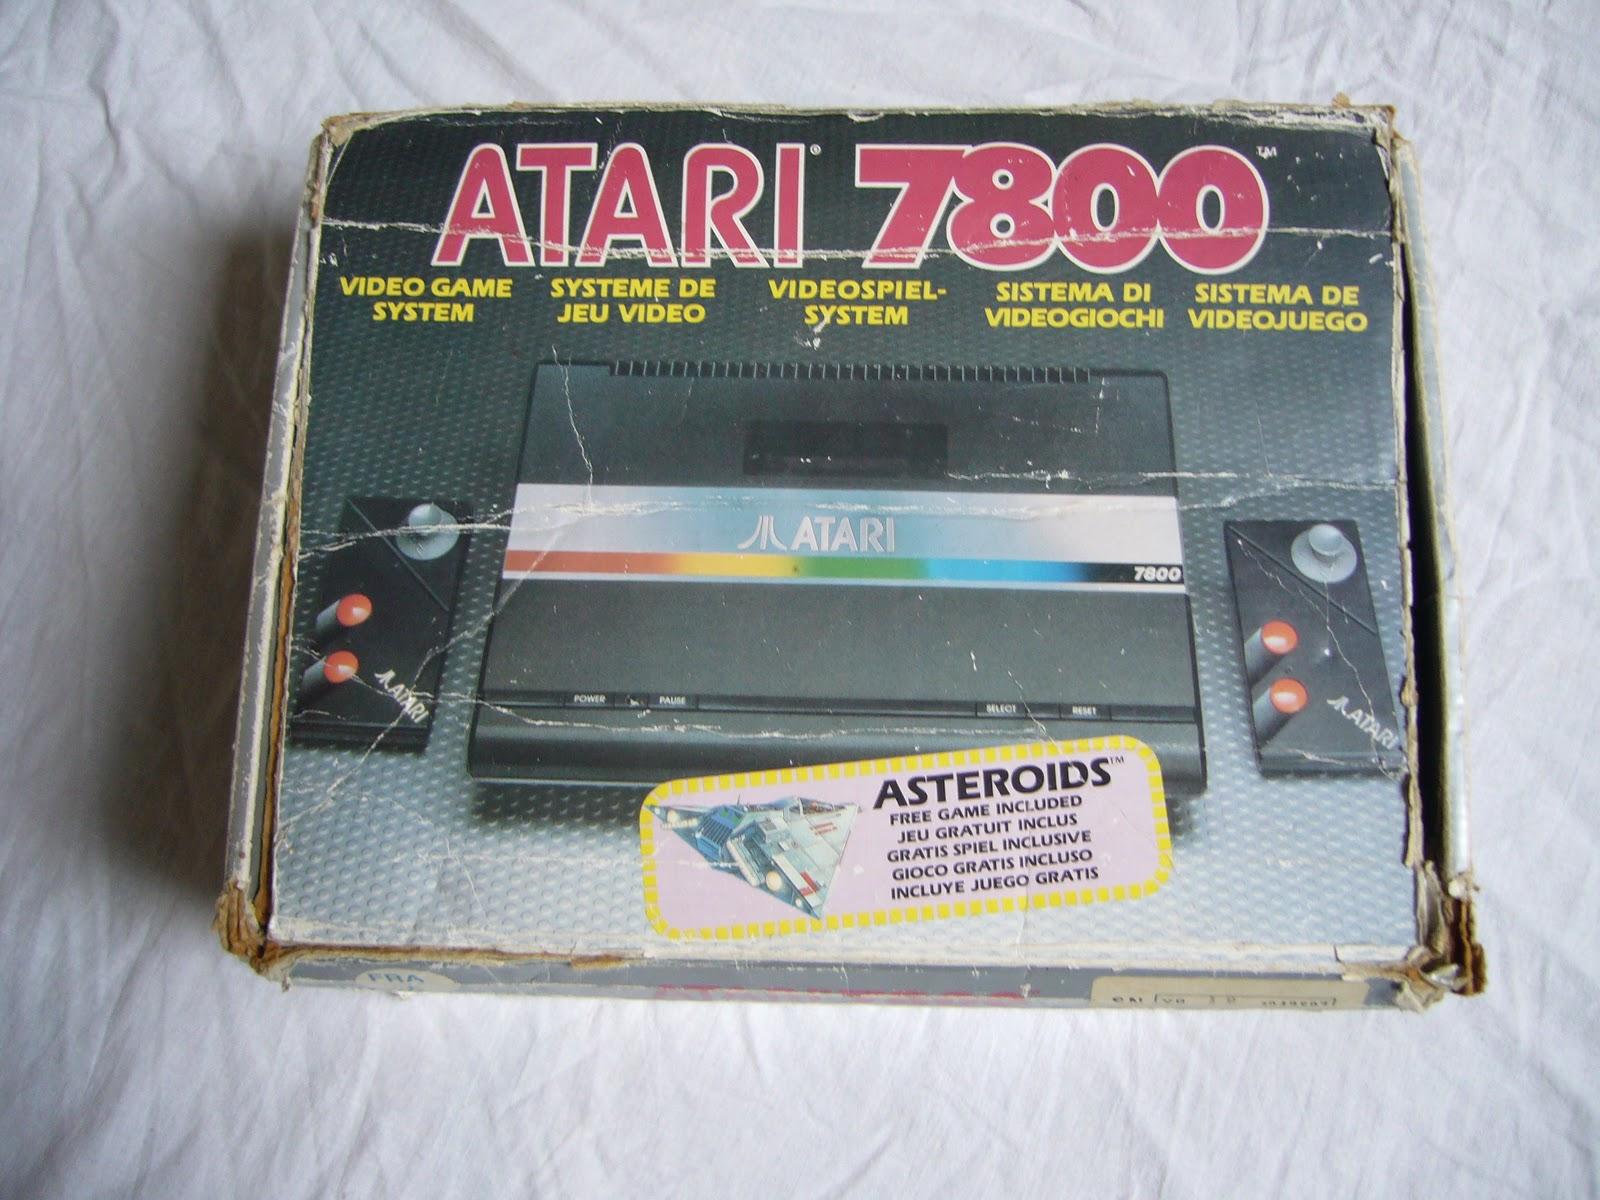 Restauration des boites de jeux en carton - Page 2 P1090379